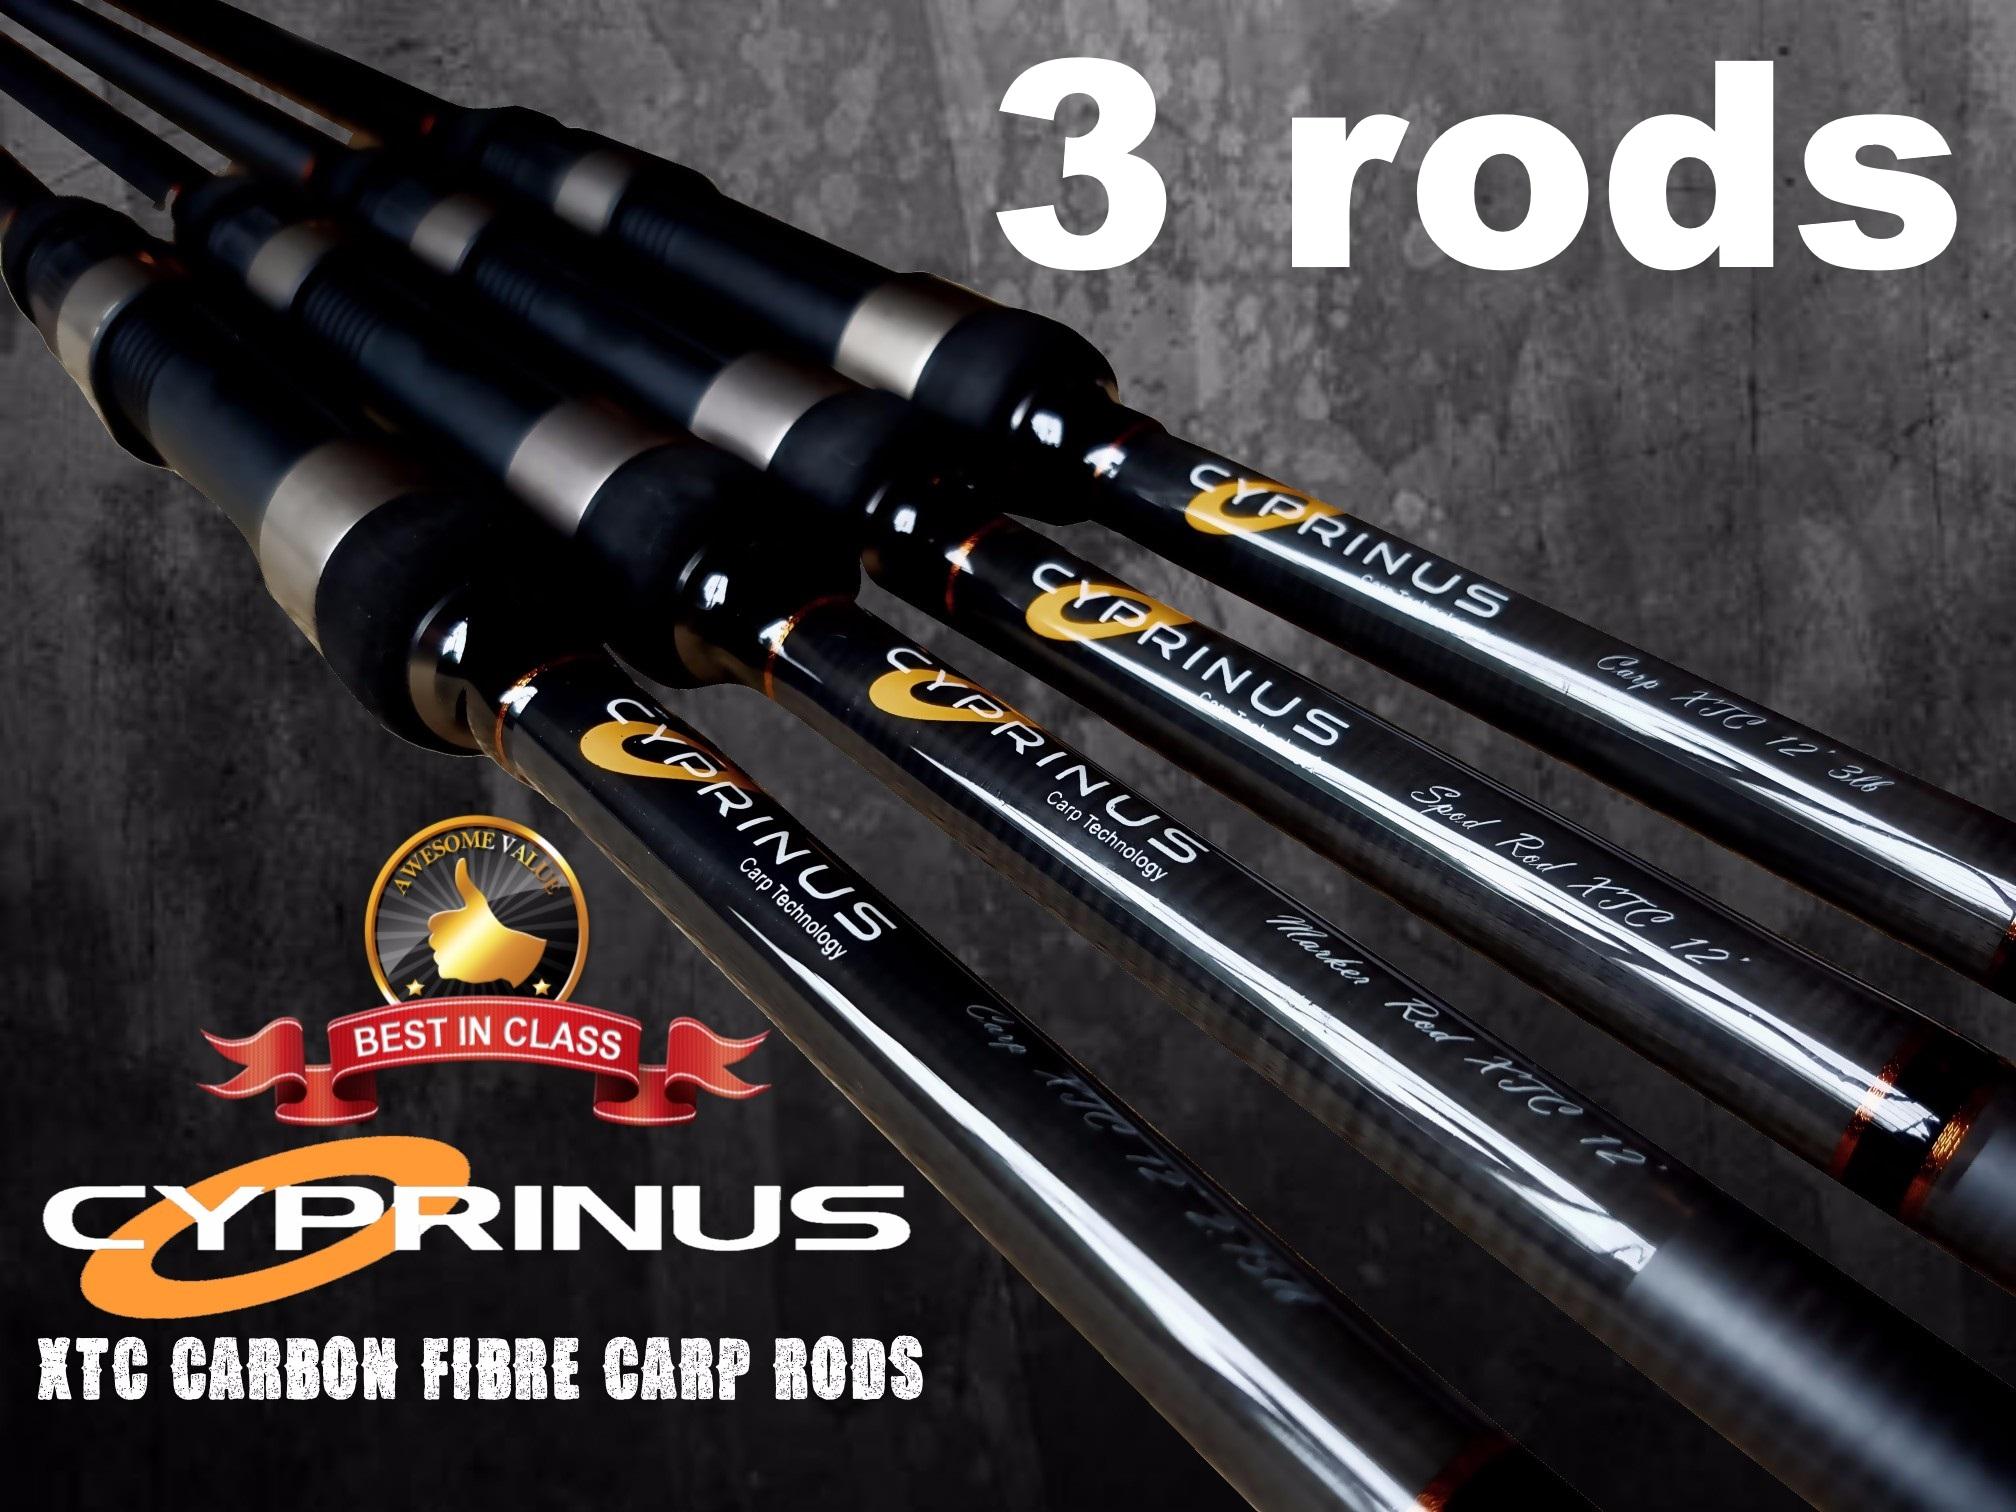 Cyprinus-XTC-Graphite-Carbon-12-039-ft-2-75lb-3lb-Carp-Fishing-Rod-Marker-amp-Spod